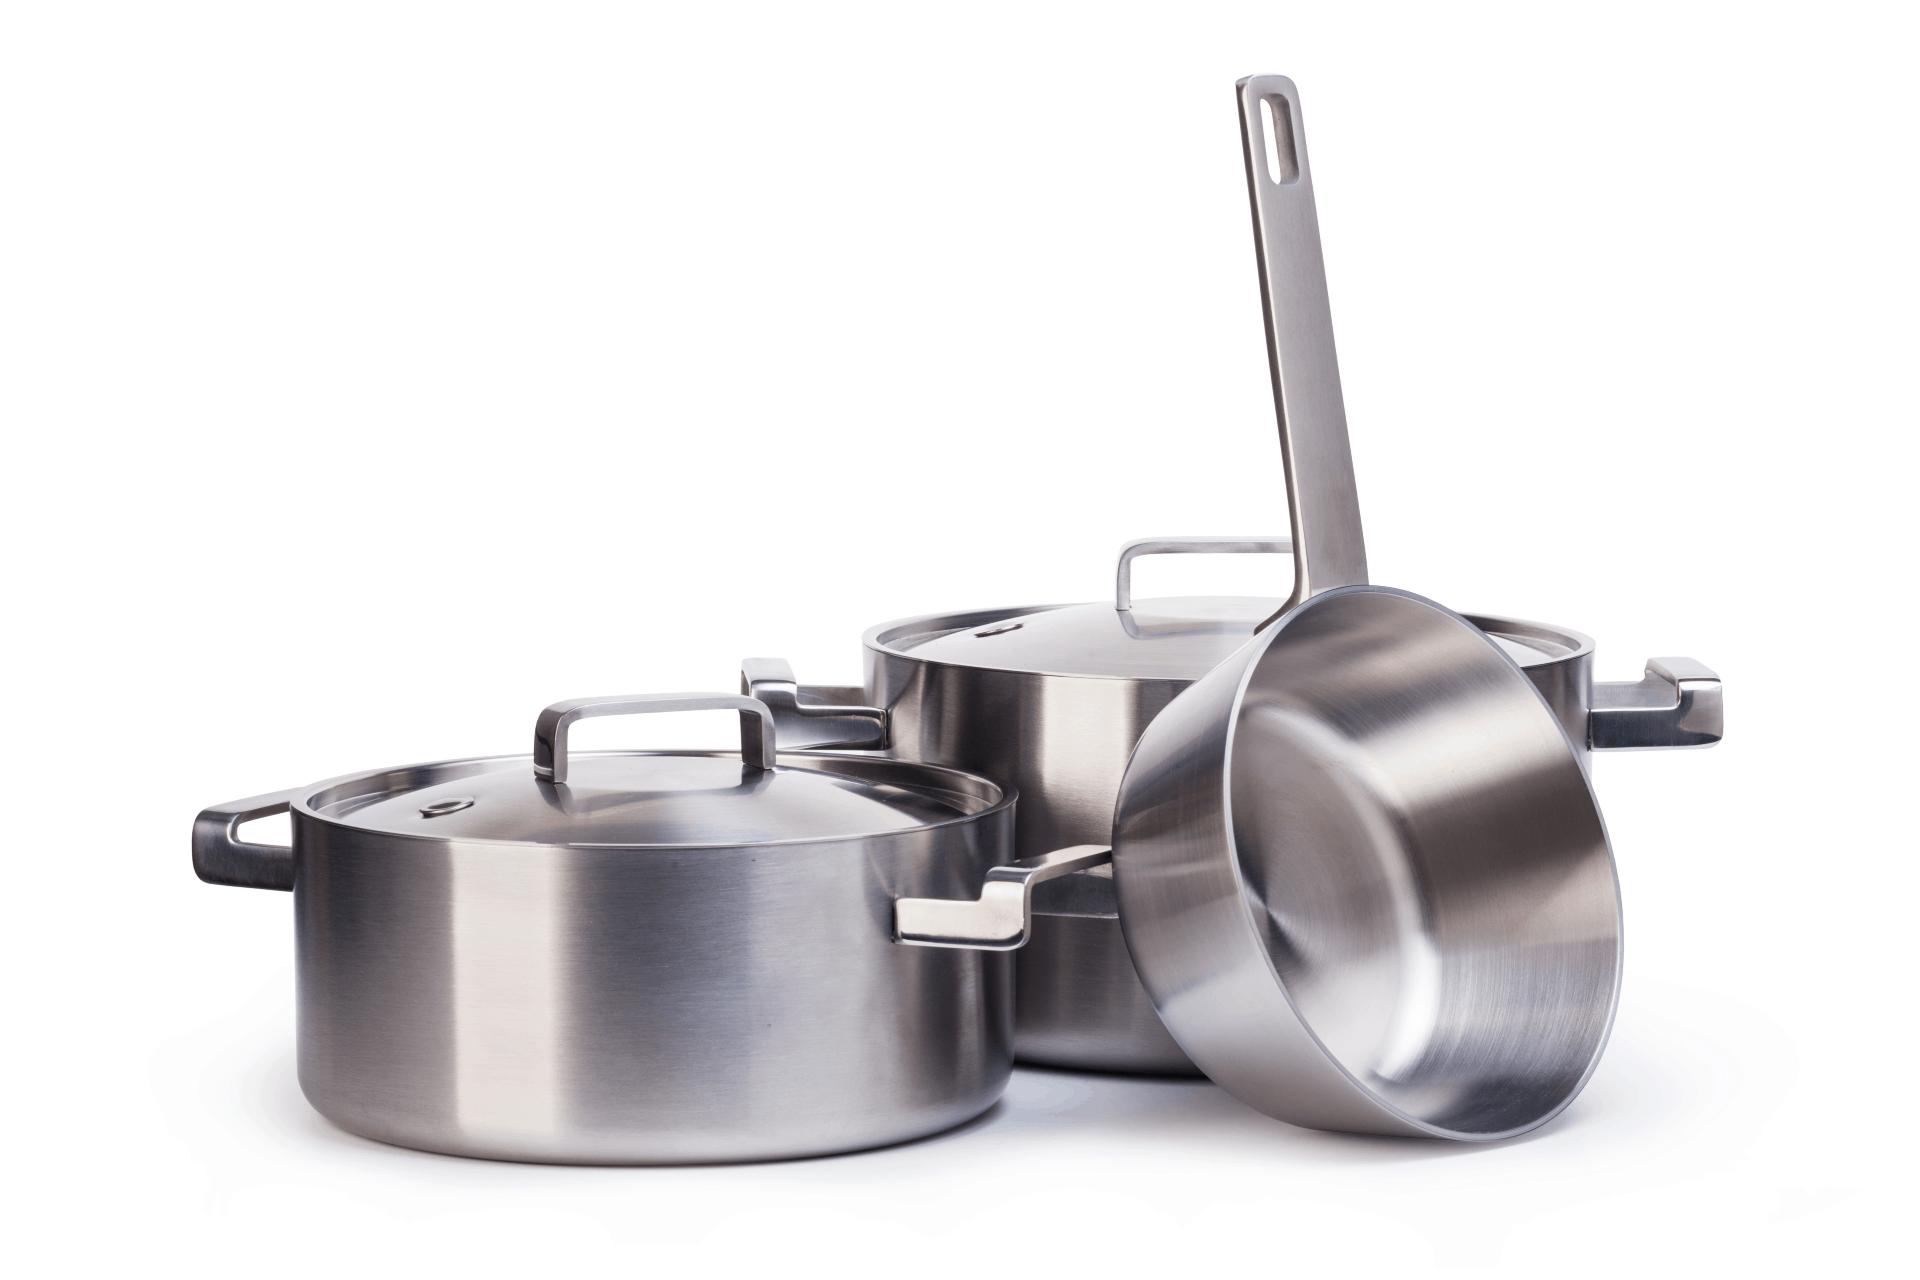 pots and pan